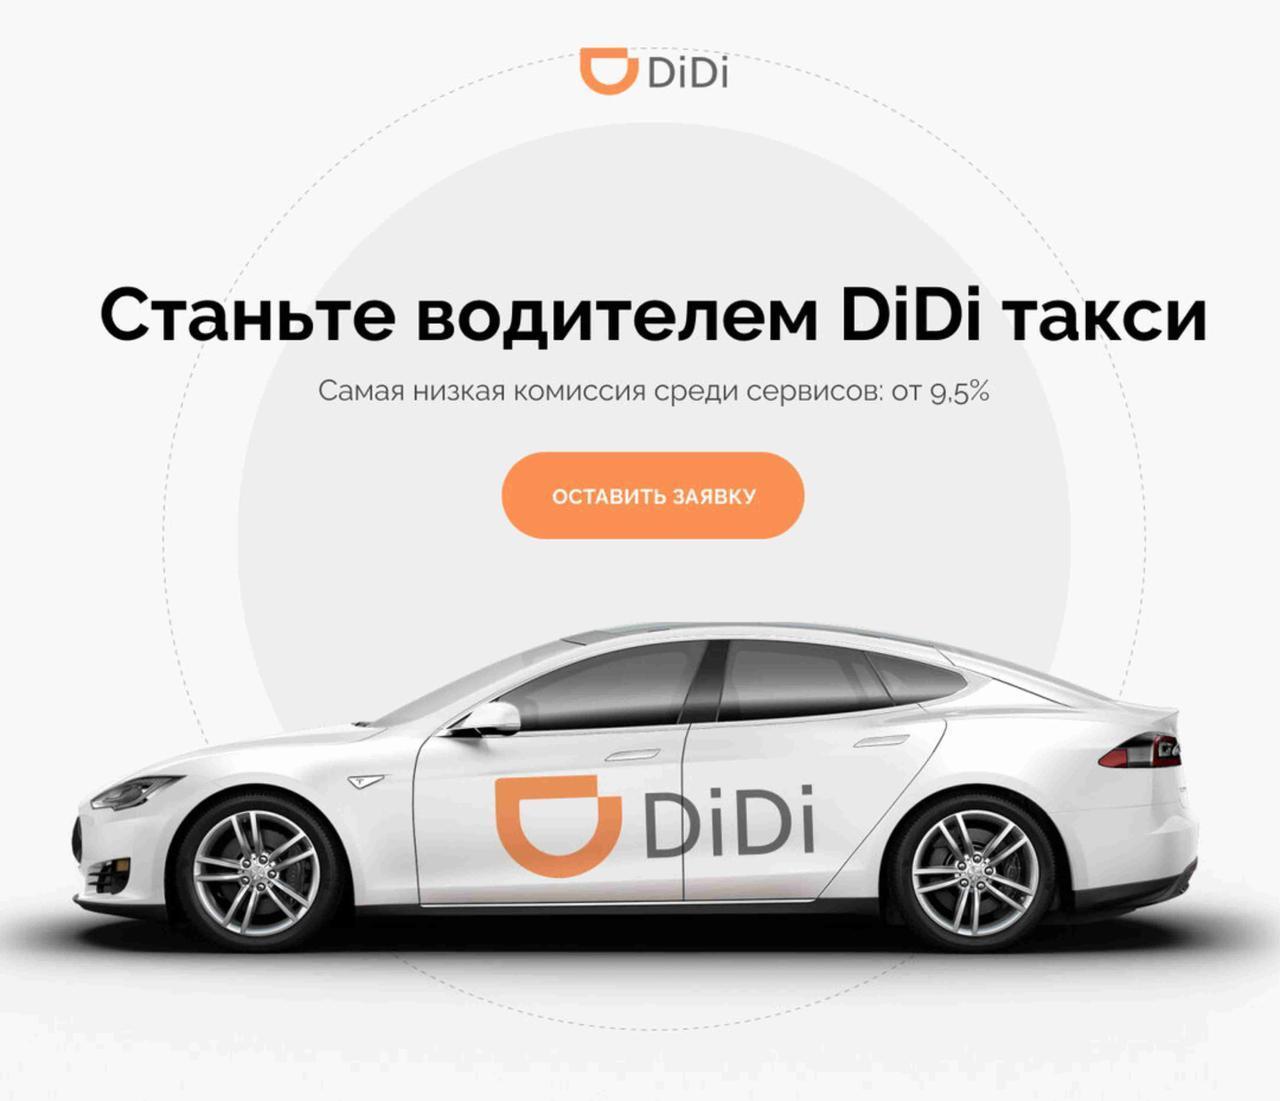 Отсутствующие дорожные сборы DiDi такси онлайн